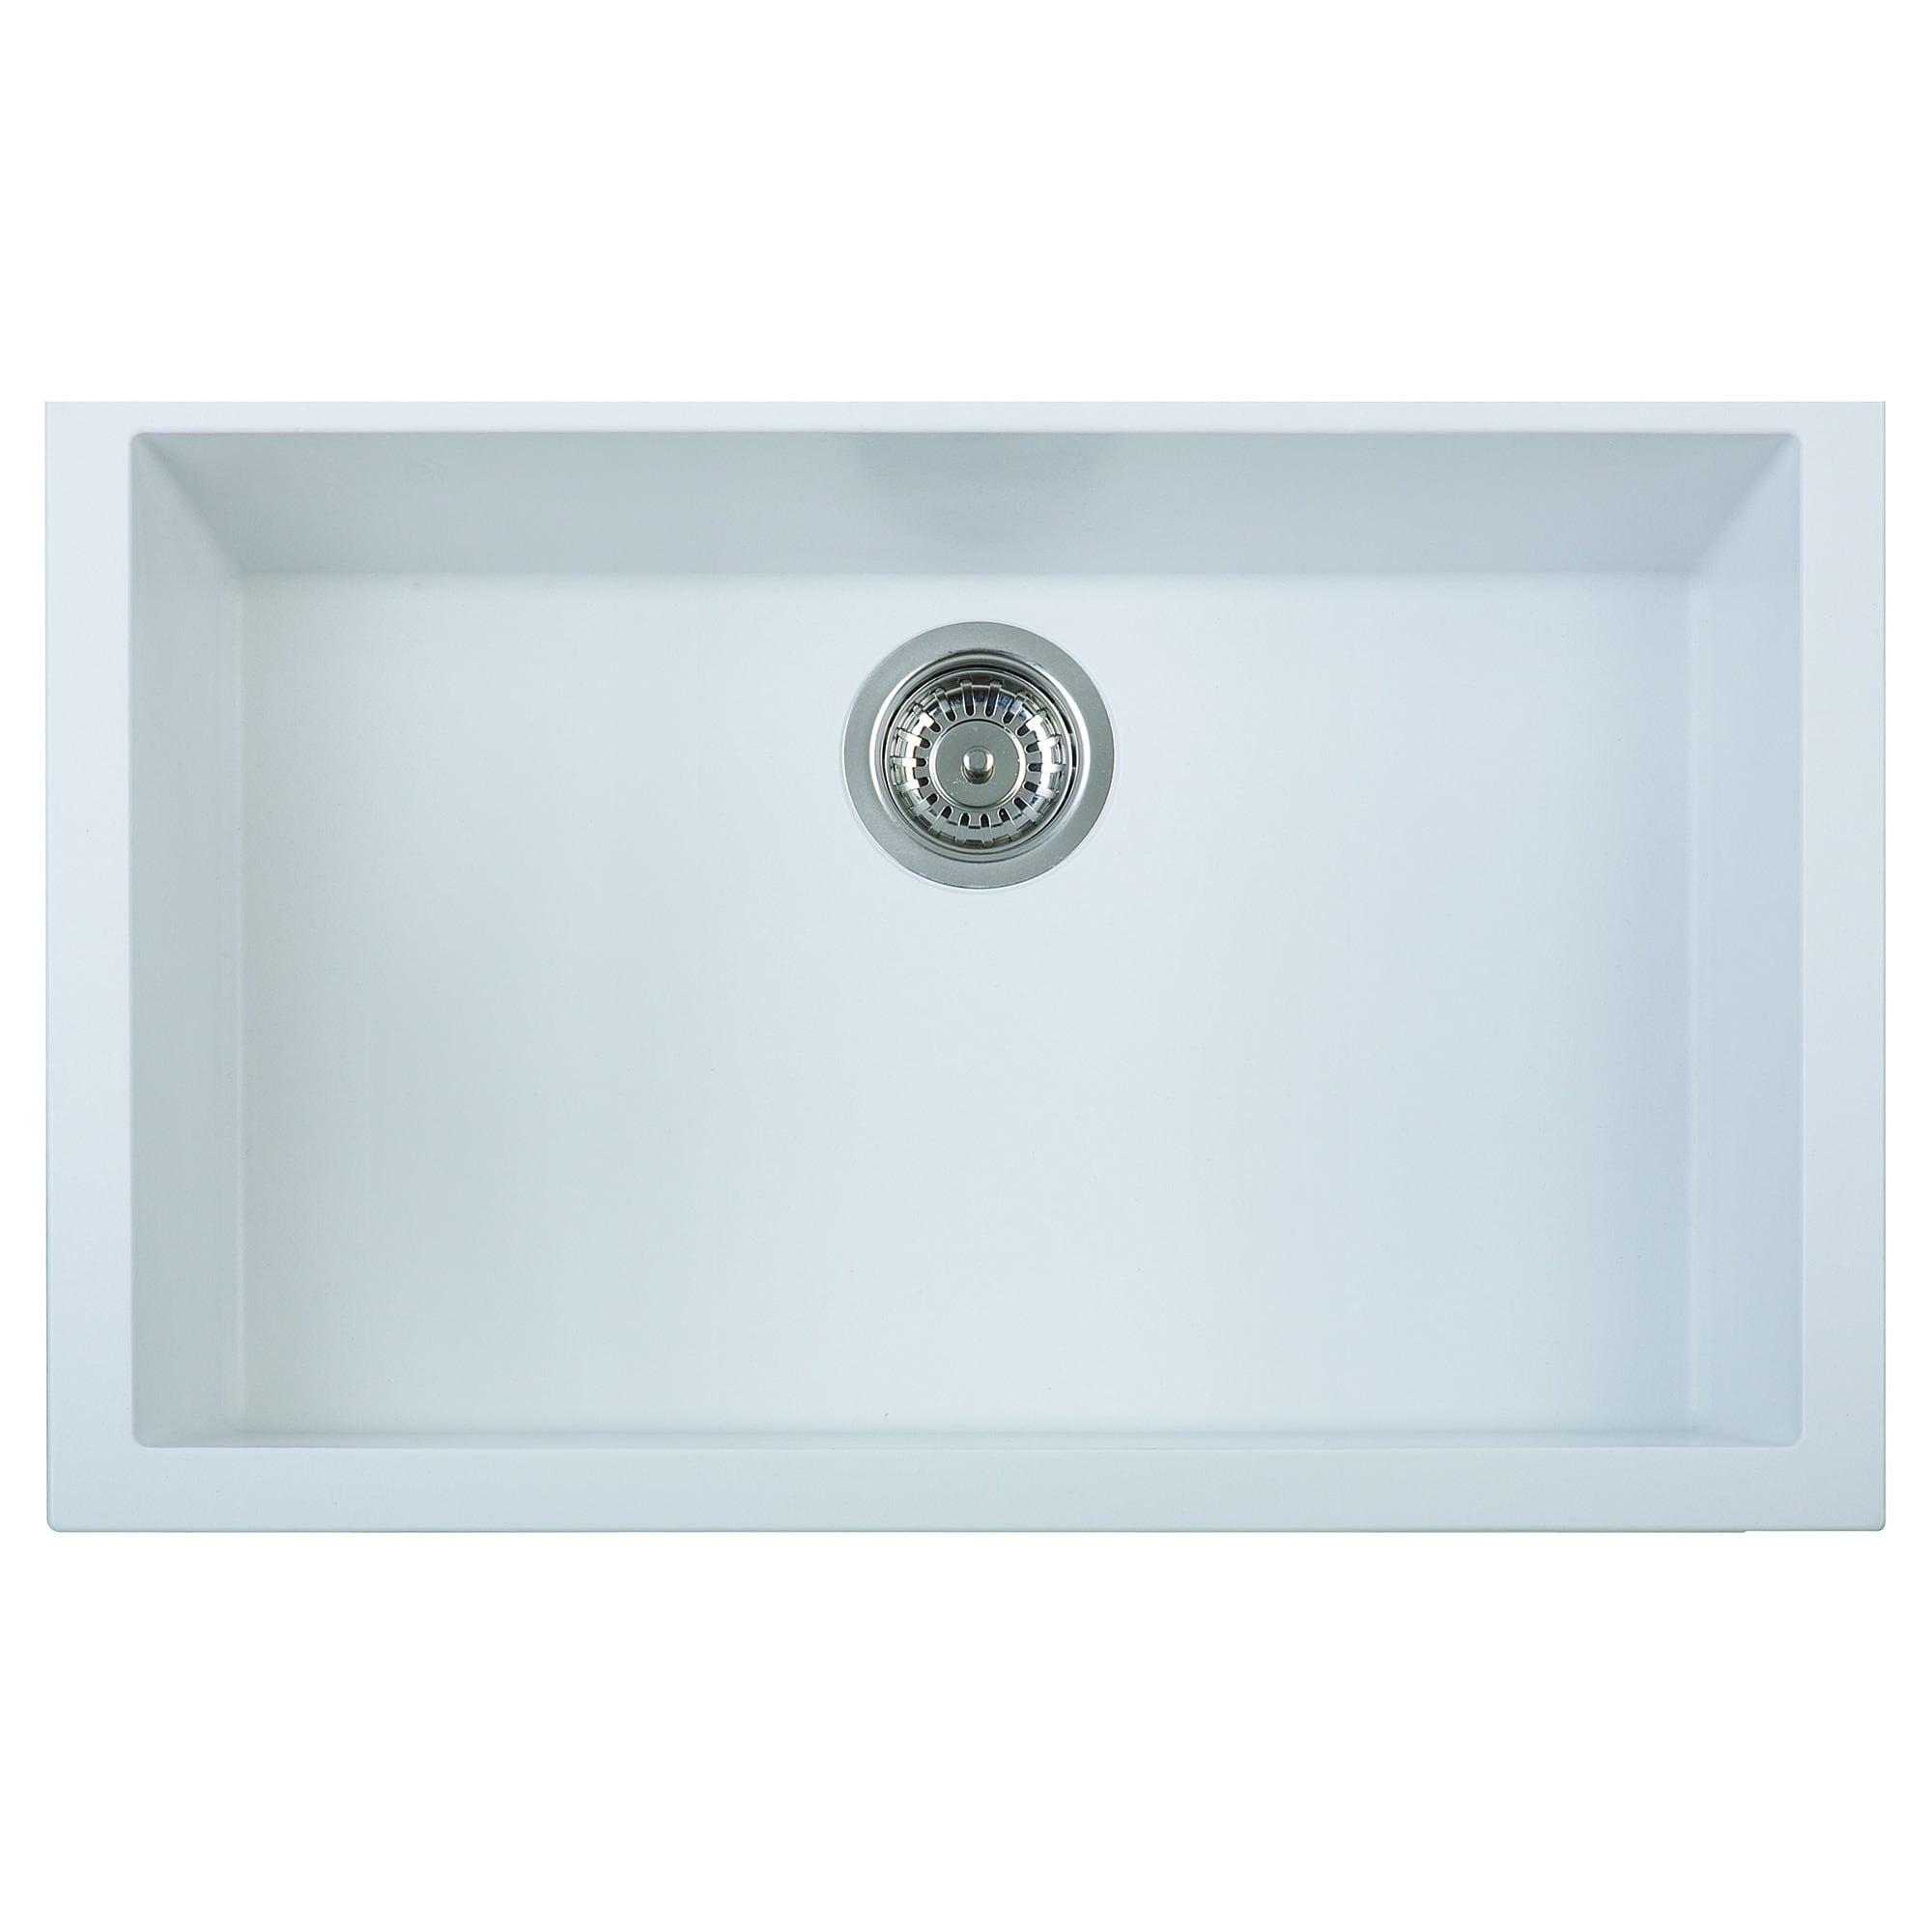 Shop Alfi White Granite Composite 30-inch Undermount Single Bowl ...